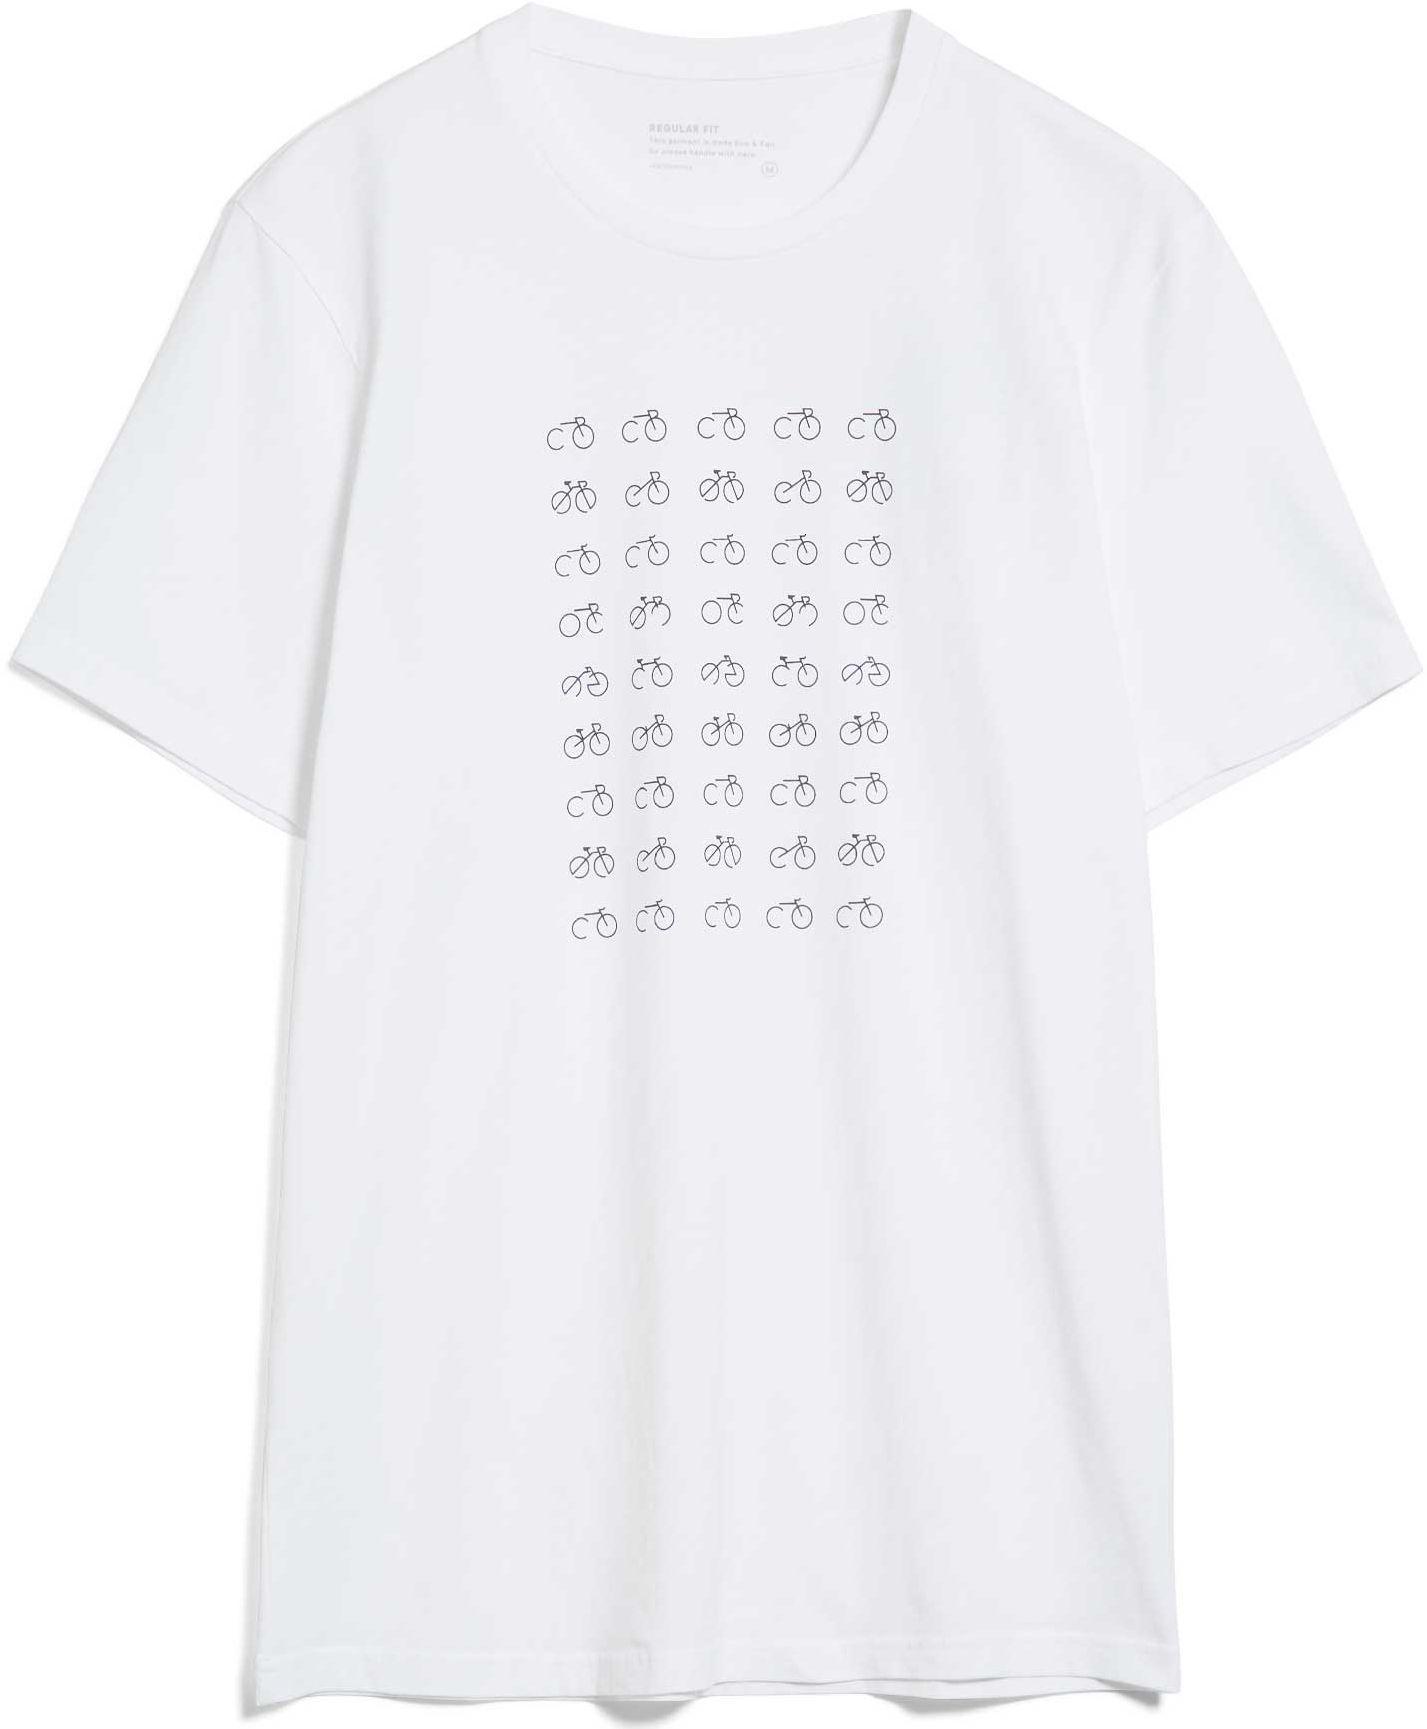 Herren-Shirt JAAMES 45 BIKES white